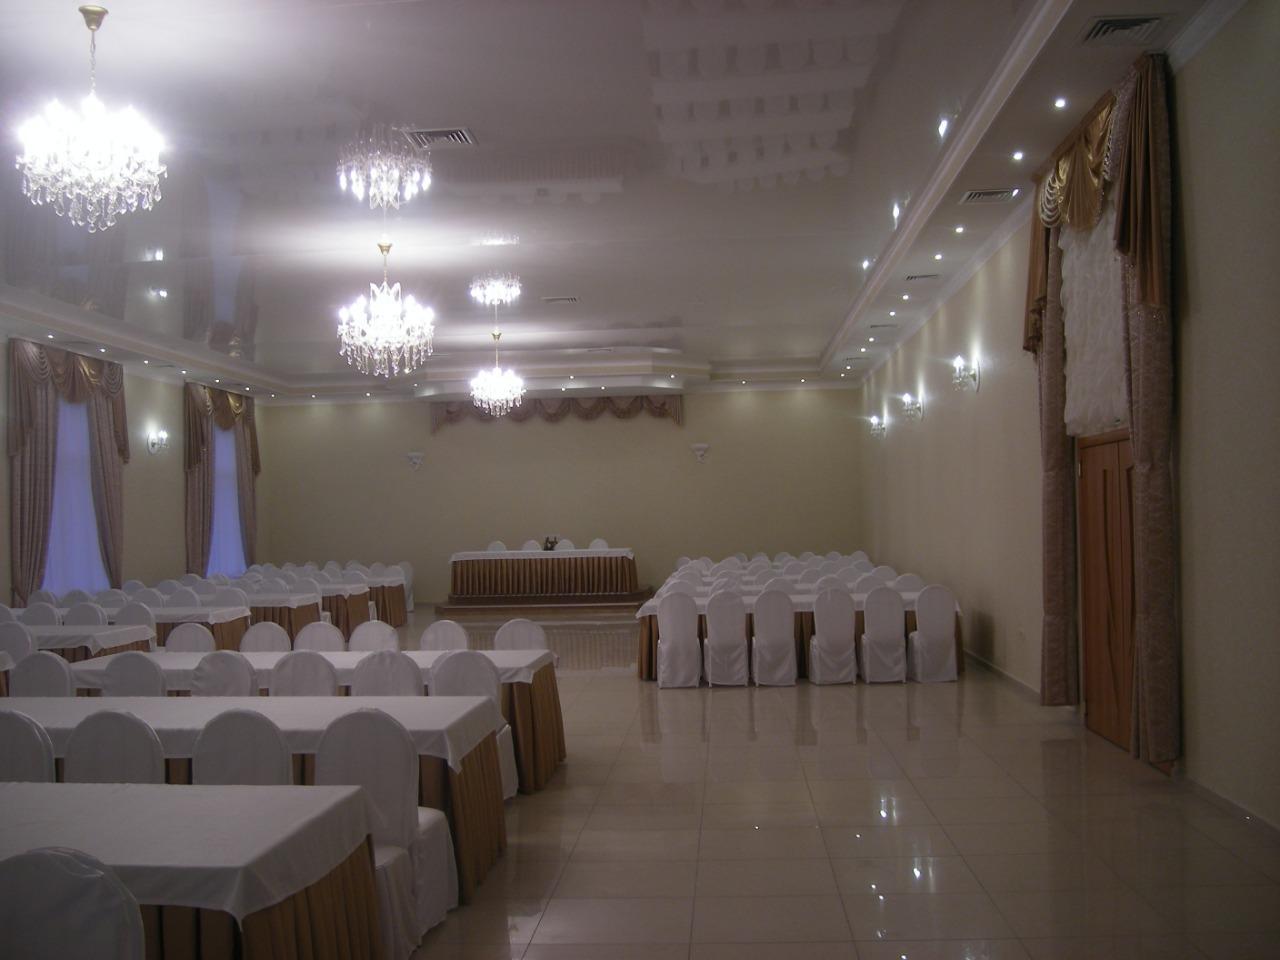 Краснодарский край, муниципальное образование Краснодар, Краснодар, улица Зеленая, 226 2